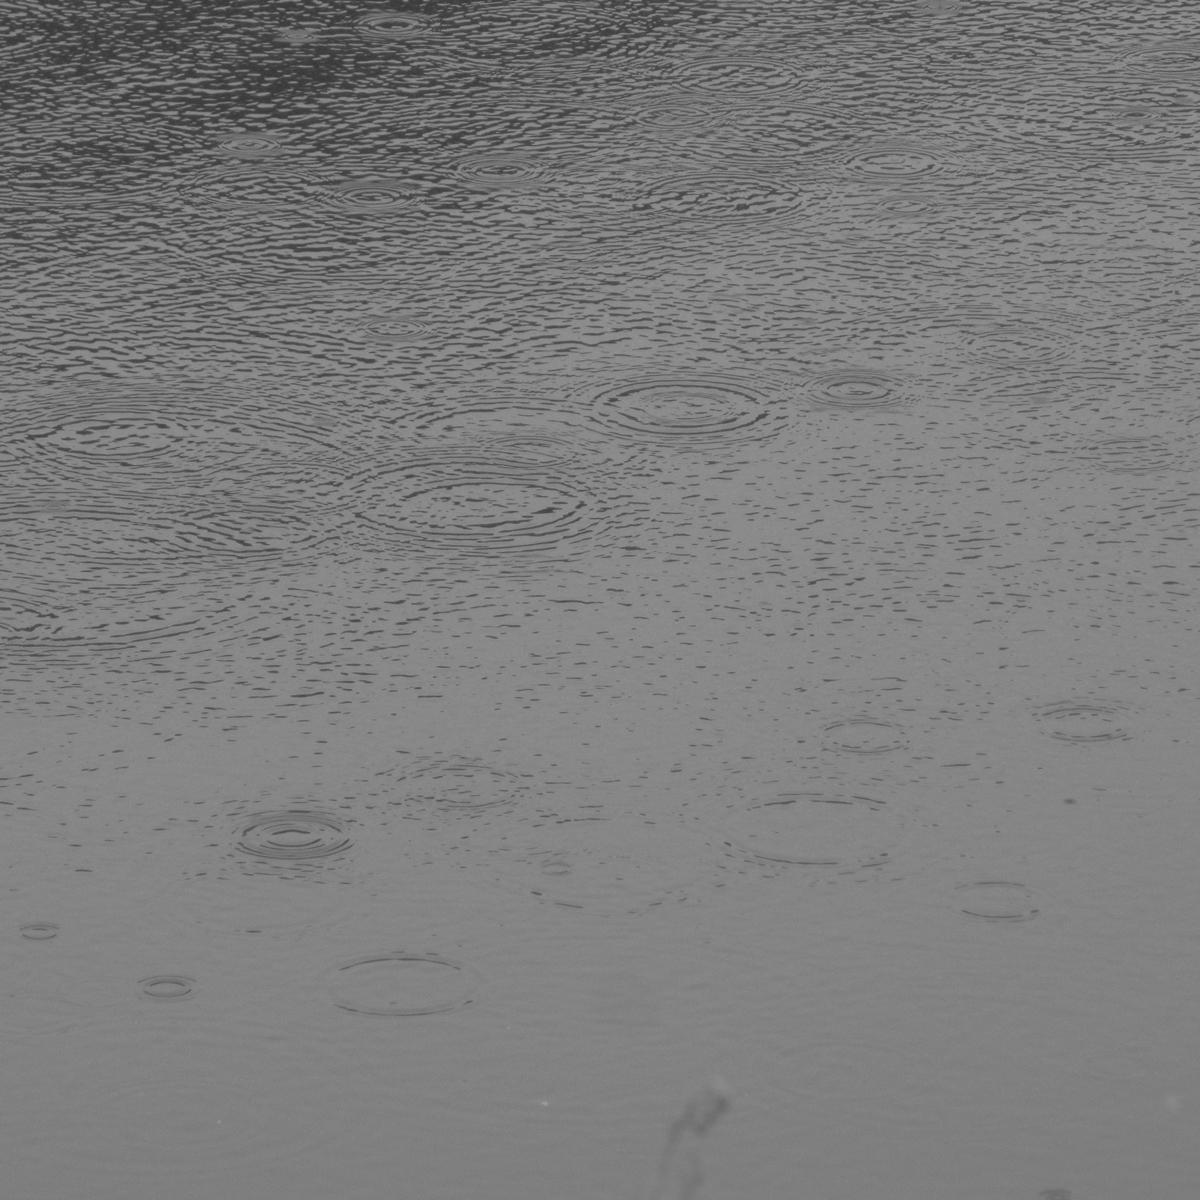 雨の日20150704 (4)